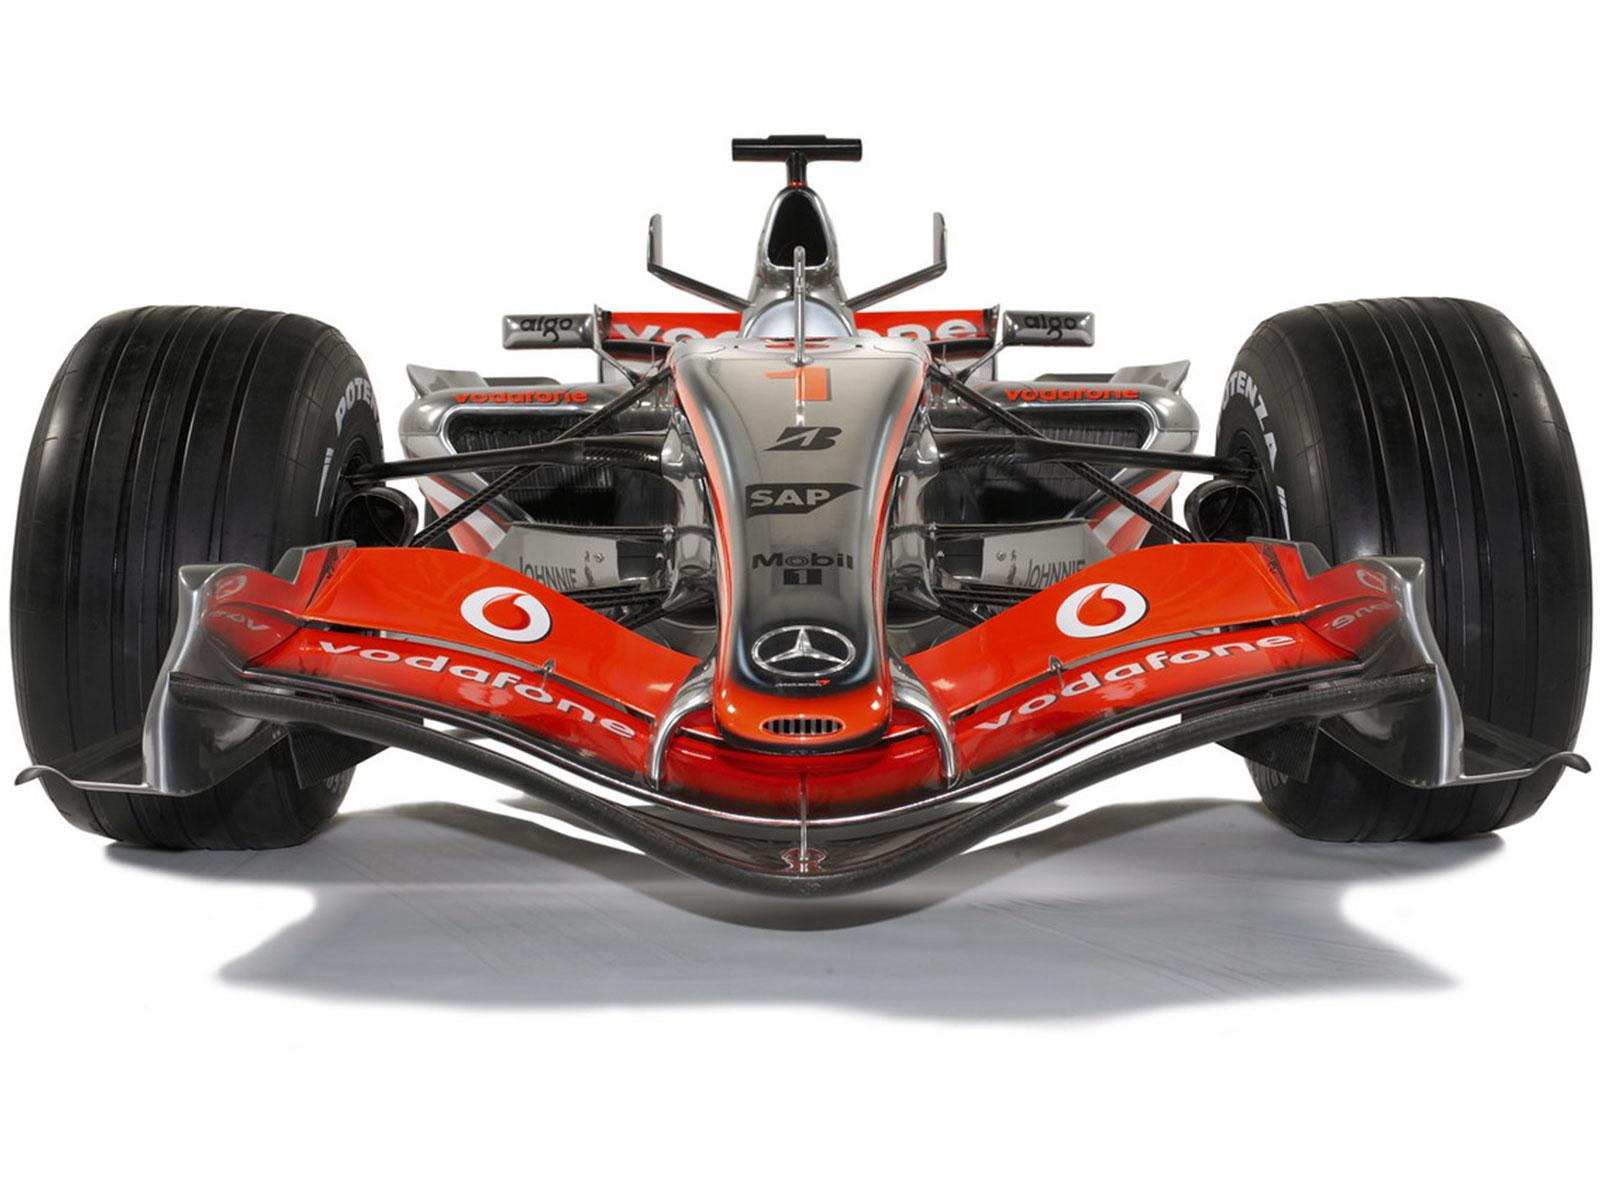 Формула один, фото болида, машины, для рабочего стола